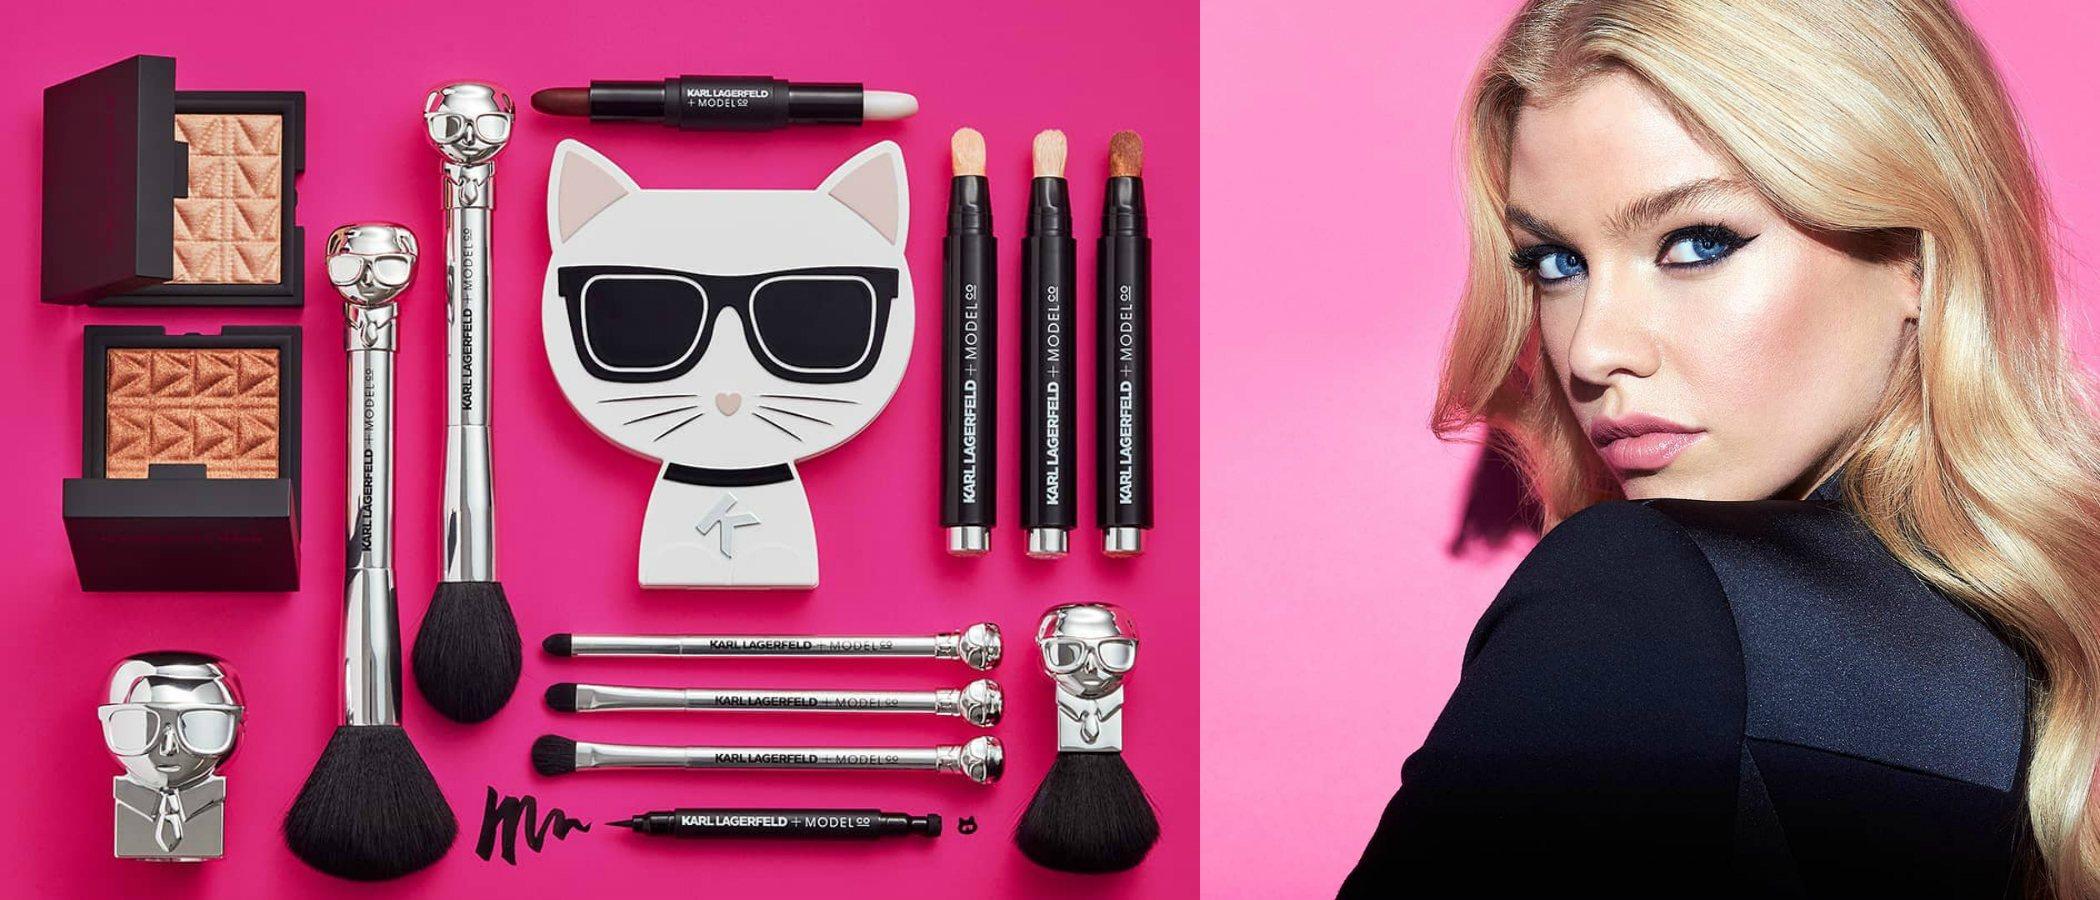 Karl Lagerfeld lanza una colección de maquillaje en colaboración con ModelCo